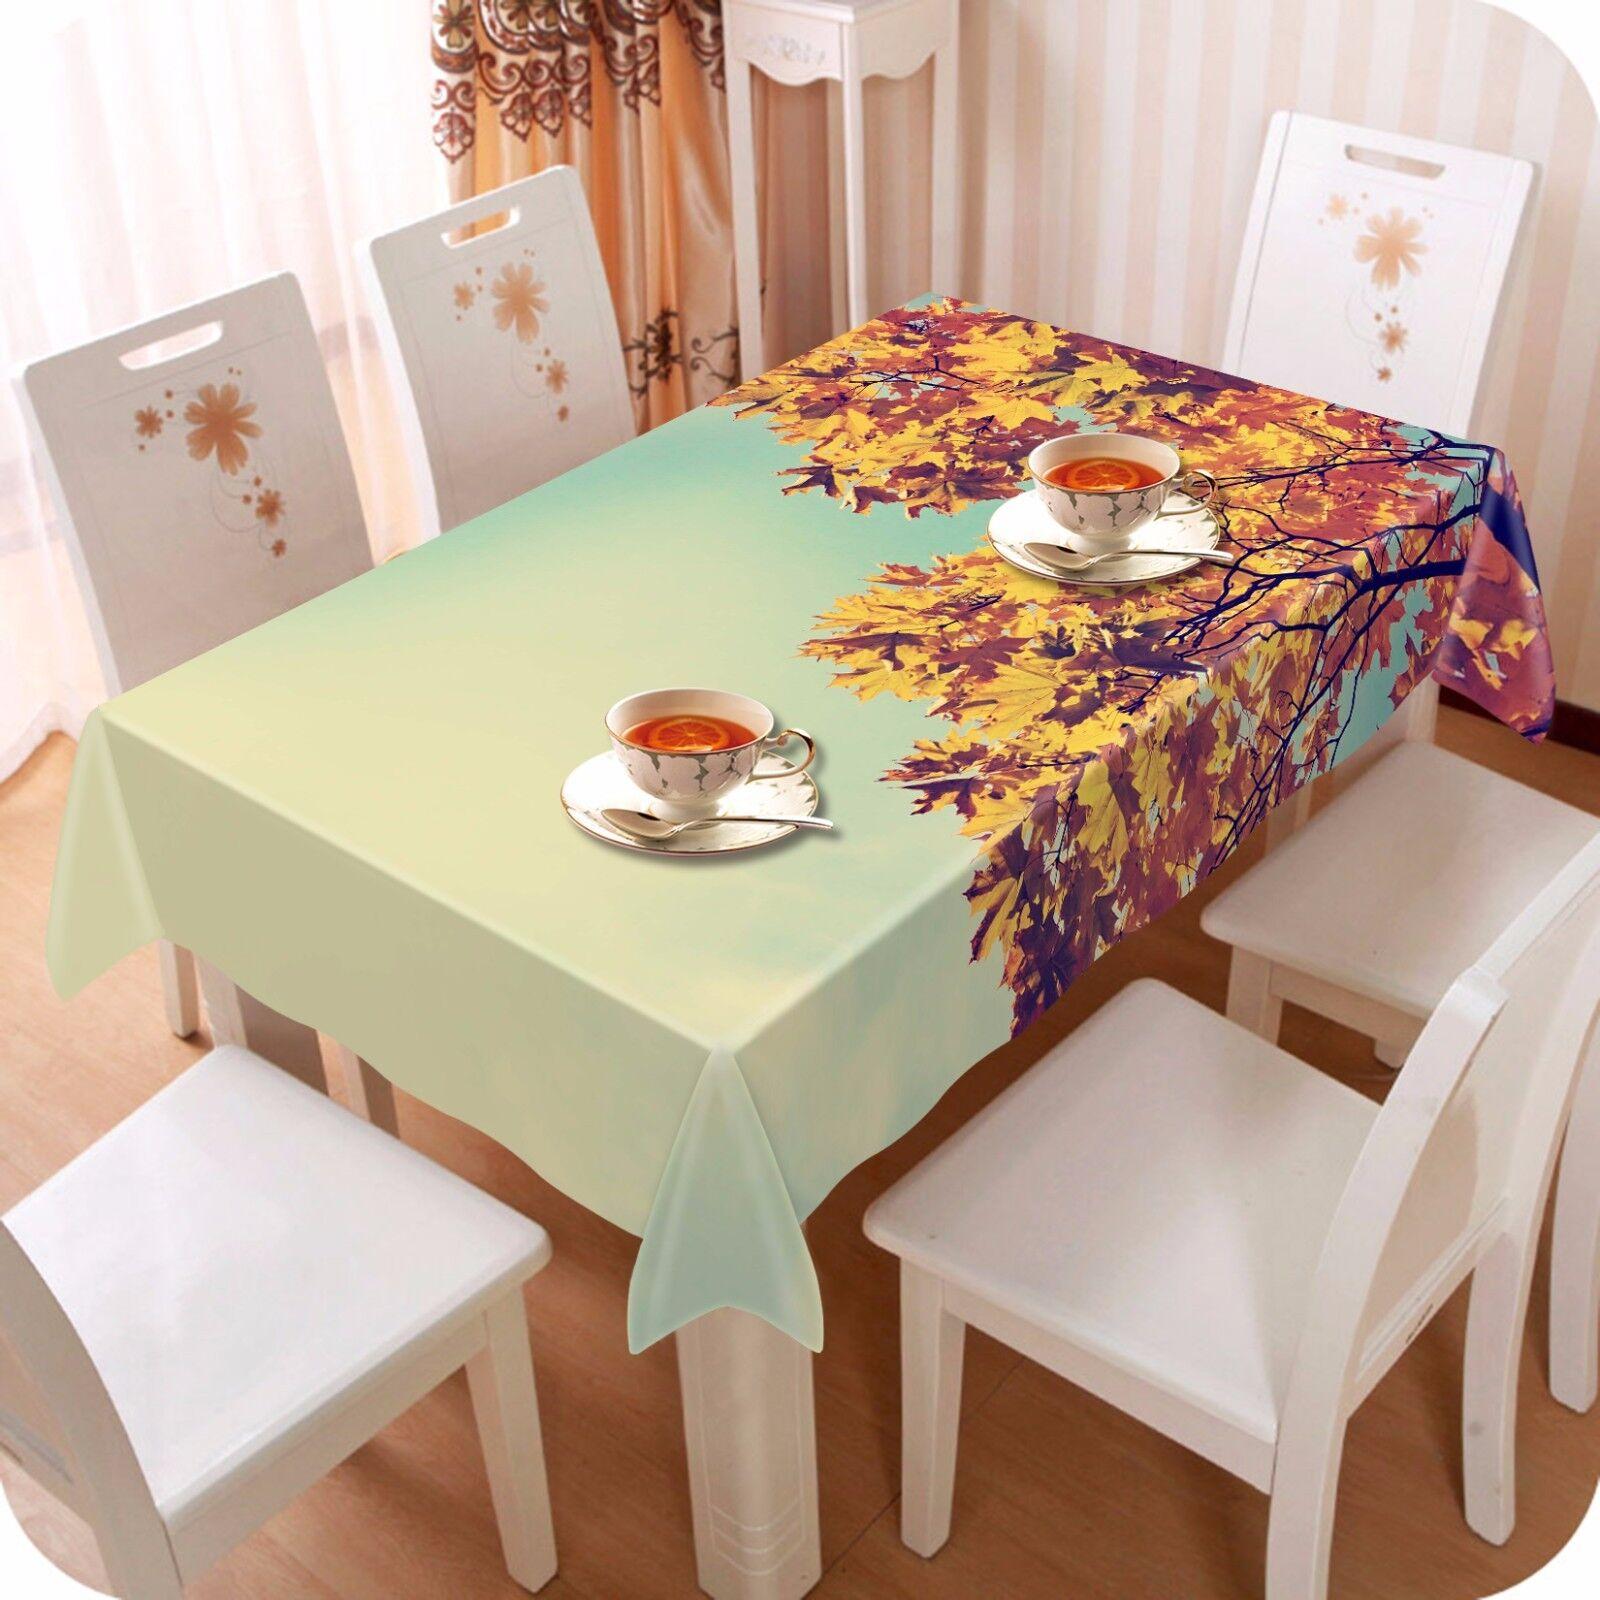 3D Feuille ciel Nappe Table Cover Cloth fête d'anniversaire AJ papier peint Royaume-Uni Citron